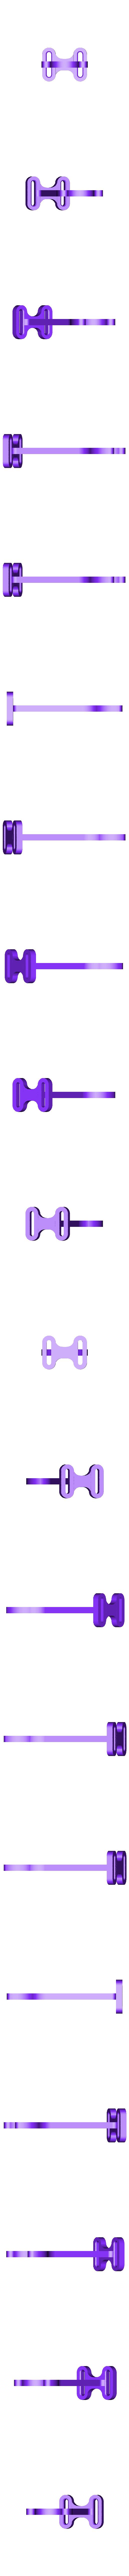 spool_holder_support_base2.stl Télécharger fichier STL gratuit Porte-bobine pour Anycubic I3 Mega - étendu • Plan pour imprimante 3D, marigu